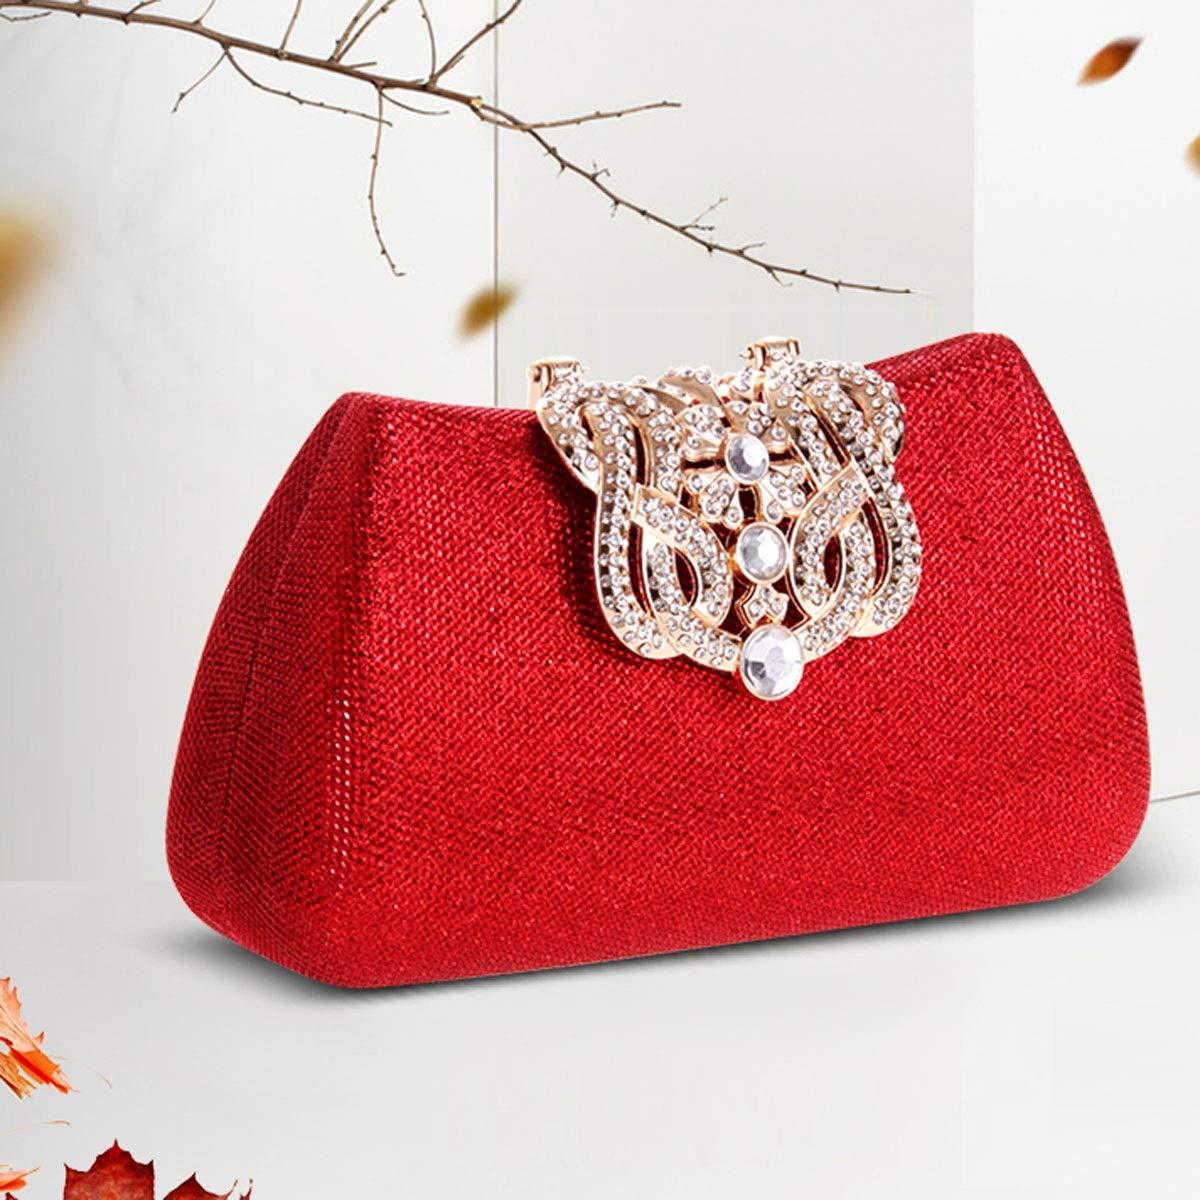 8991aad63ed0f ... MXYYY Europäische Europäische Europäische und amerikanische Mode  Abendkleid mit Tasche Handtasche Krone Diamant Tasche personalisierte  kreative ...